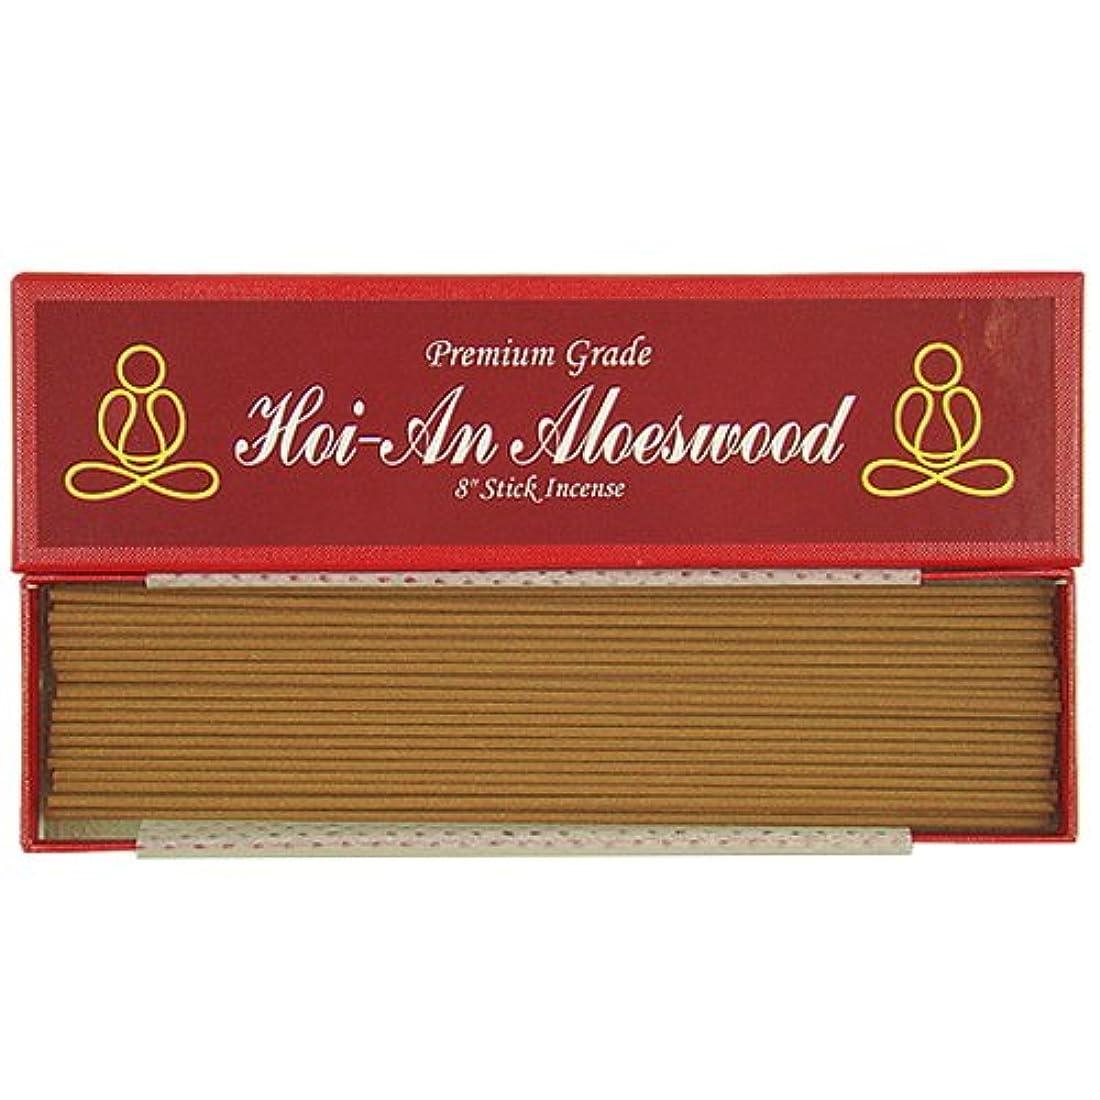 インタラクションプレゼンドラッグプレミアムVietnamese hoi-an Aloeswood – 8 Inches Stick Incense – 100 % Natural – g054s